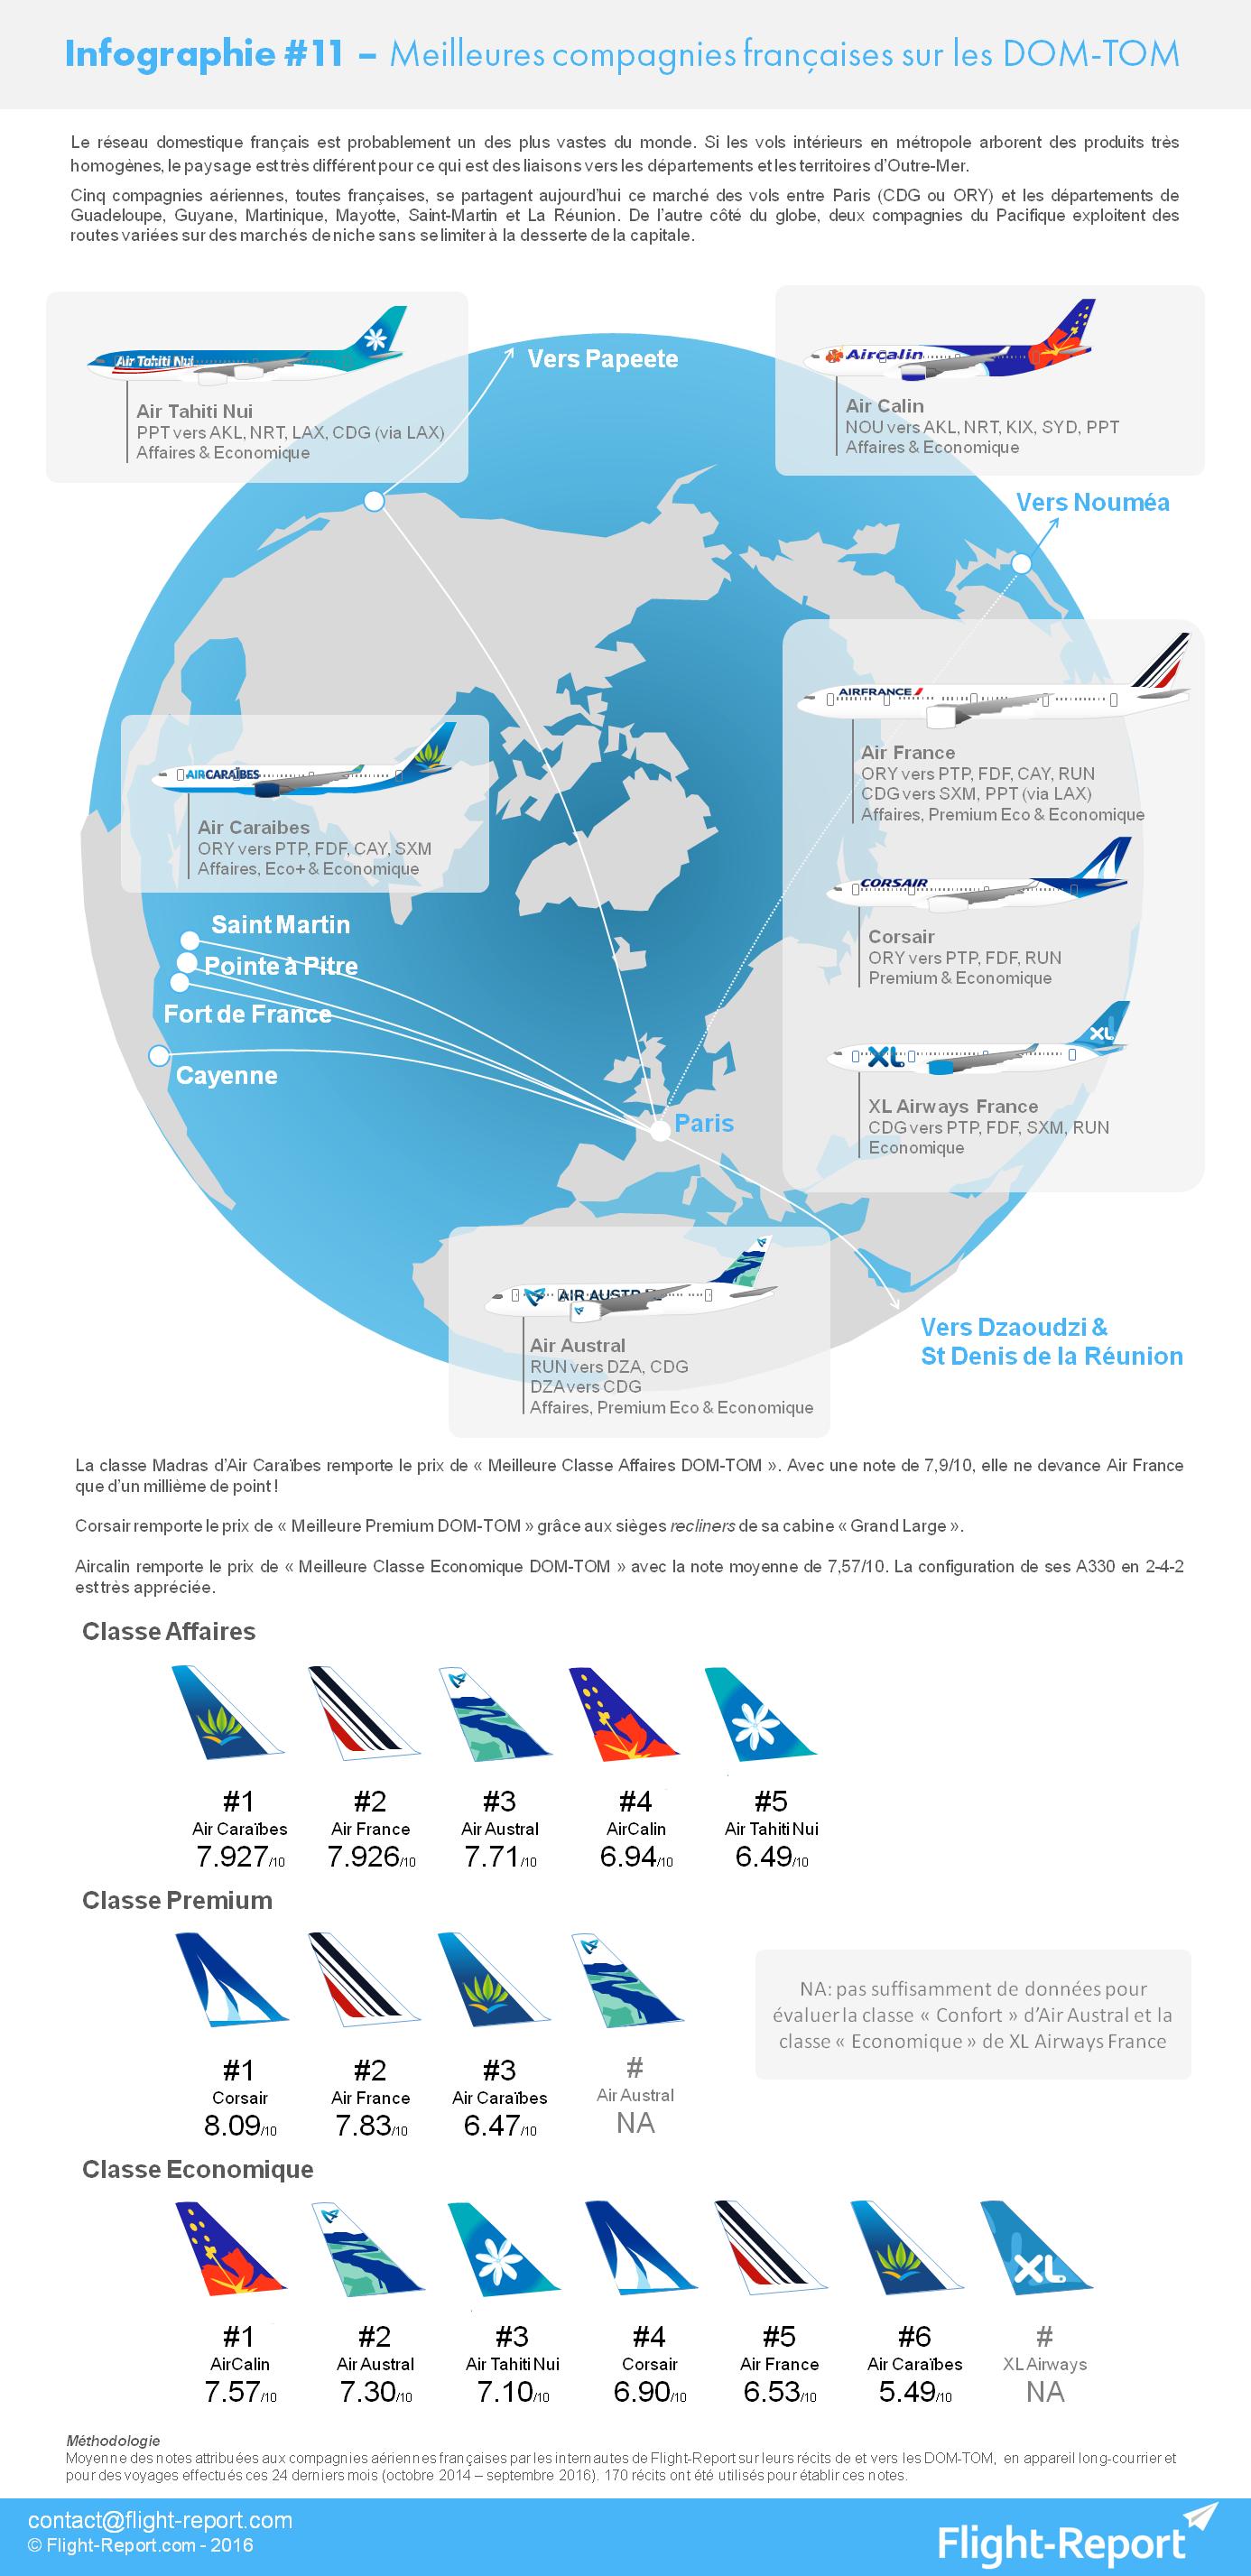 infographie-11-meilleures-compagnies-francaises-sur-les-dom-tom_v2